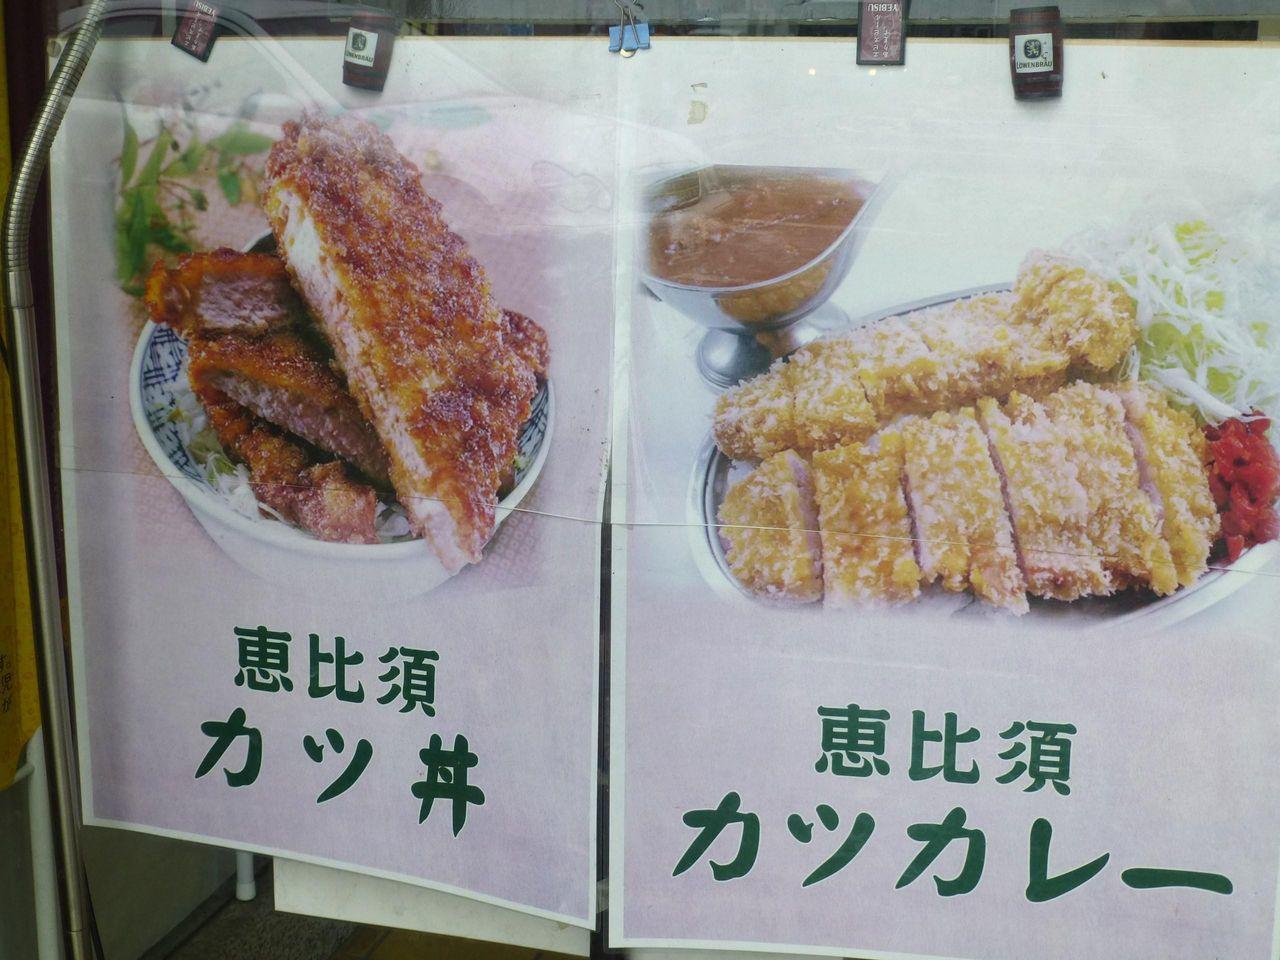 名物は恵比須カツ丼と恵比須カツカレーです!